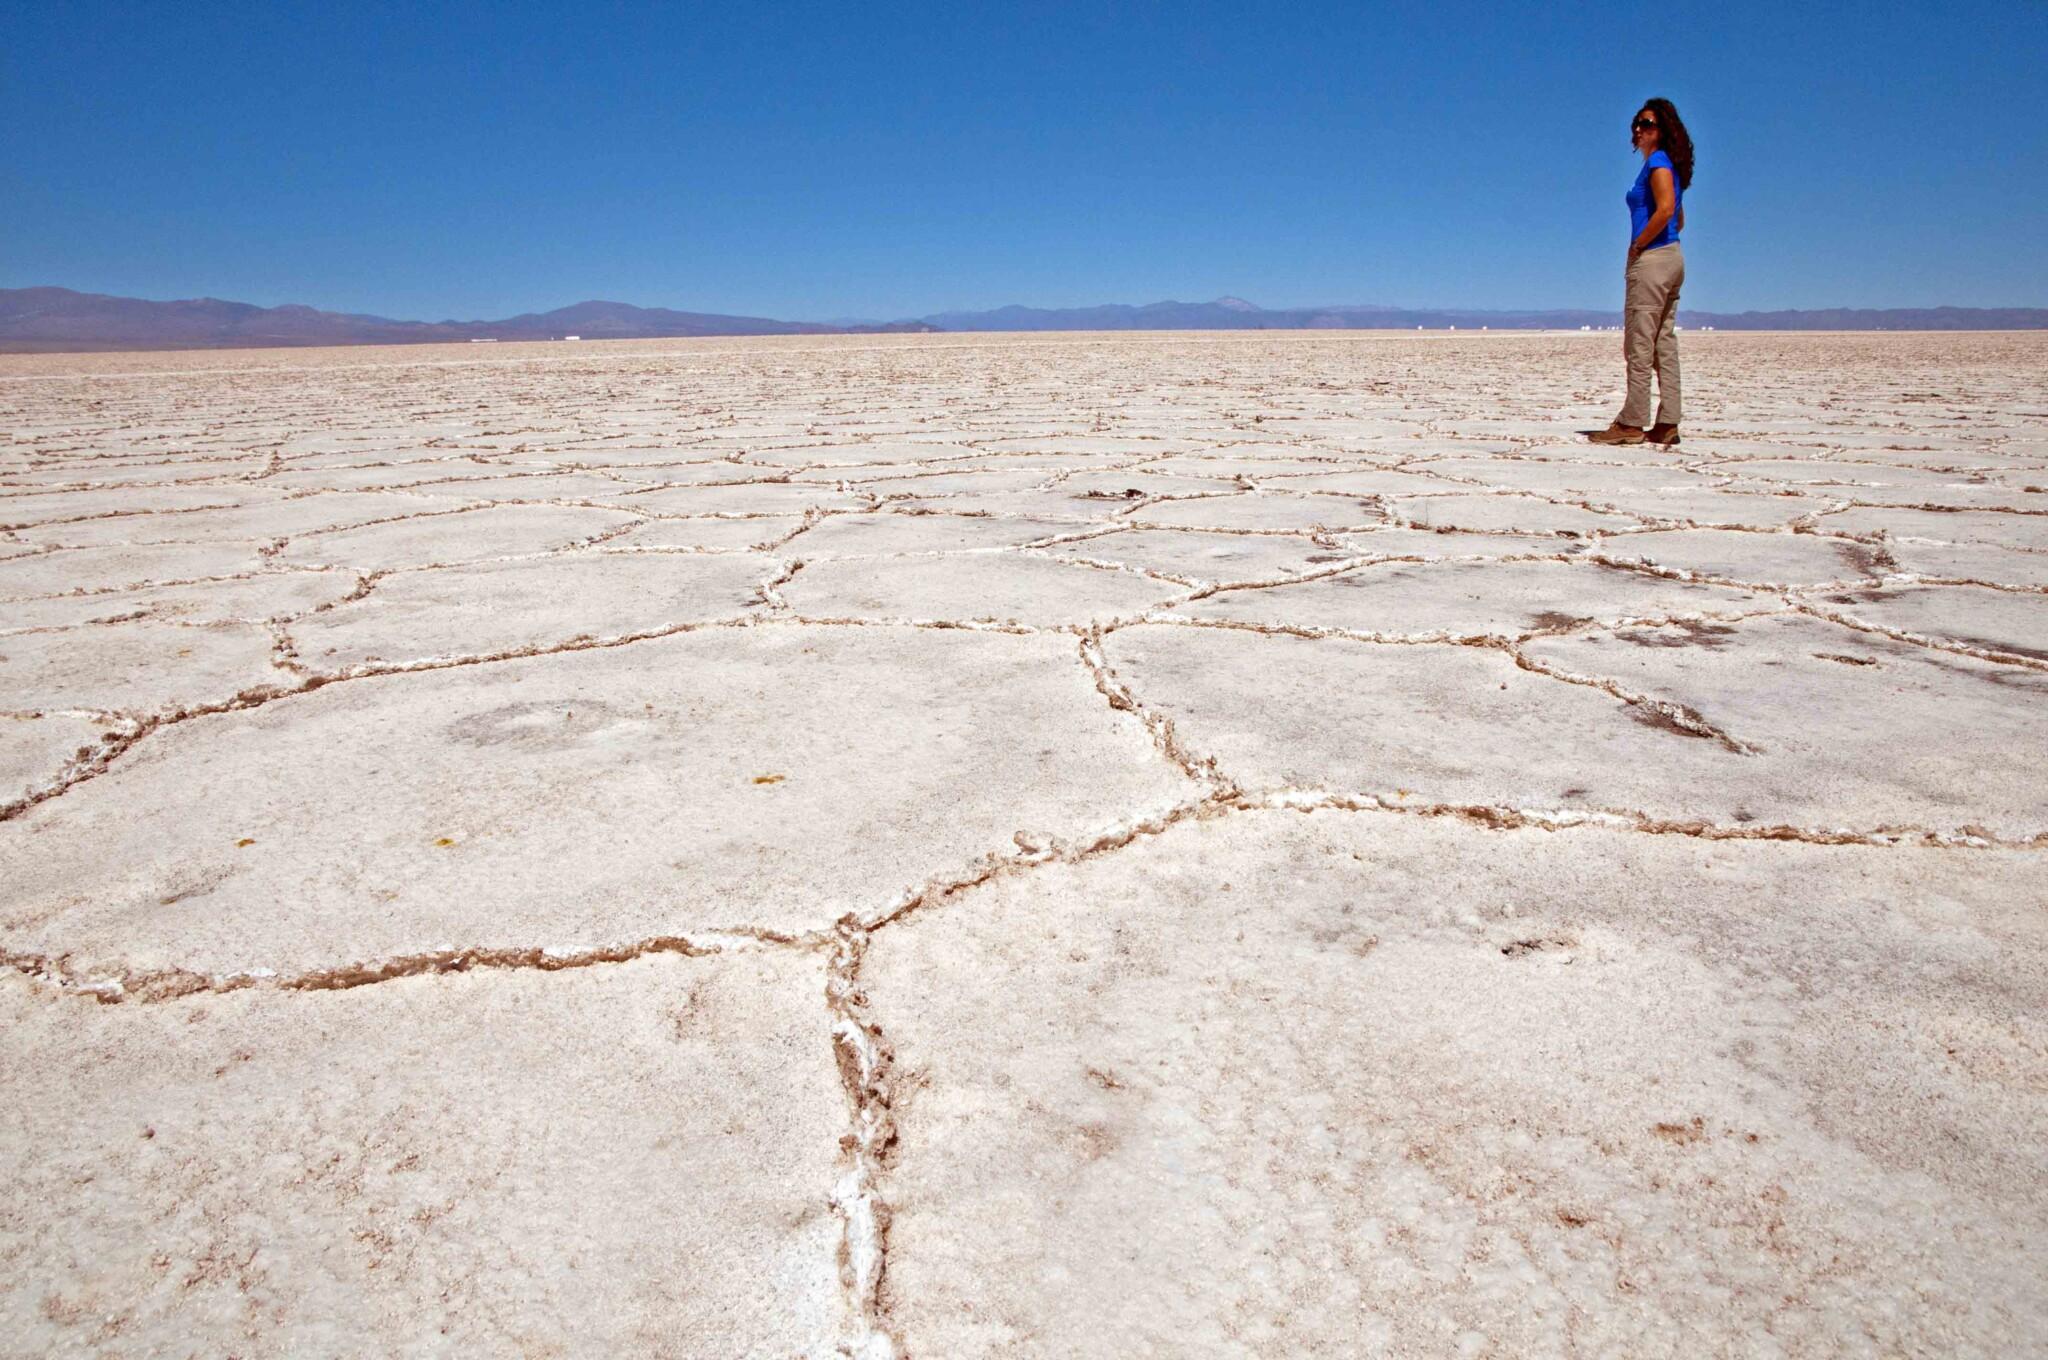 Nociones de fotografía. La composición   viajefilos.com